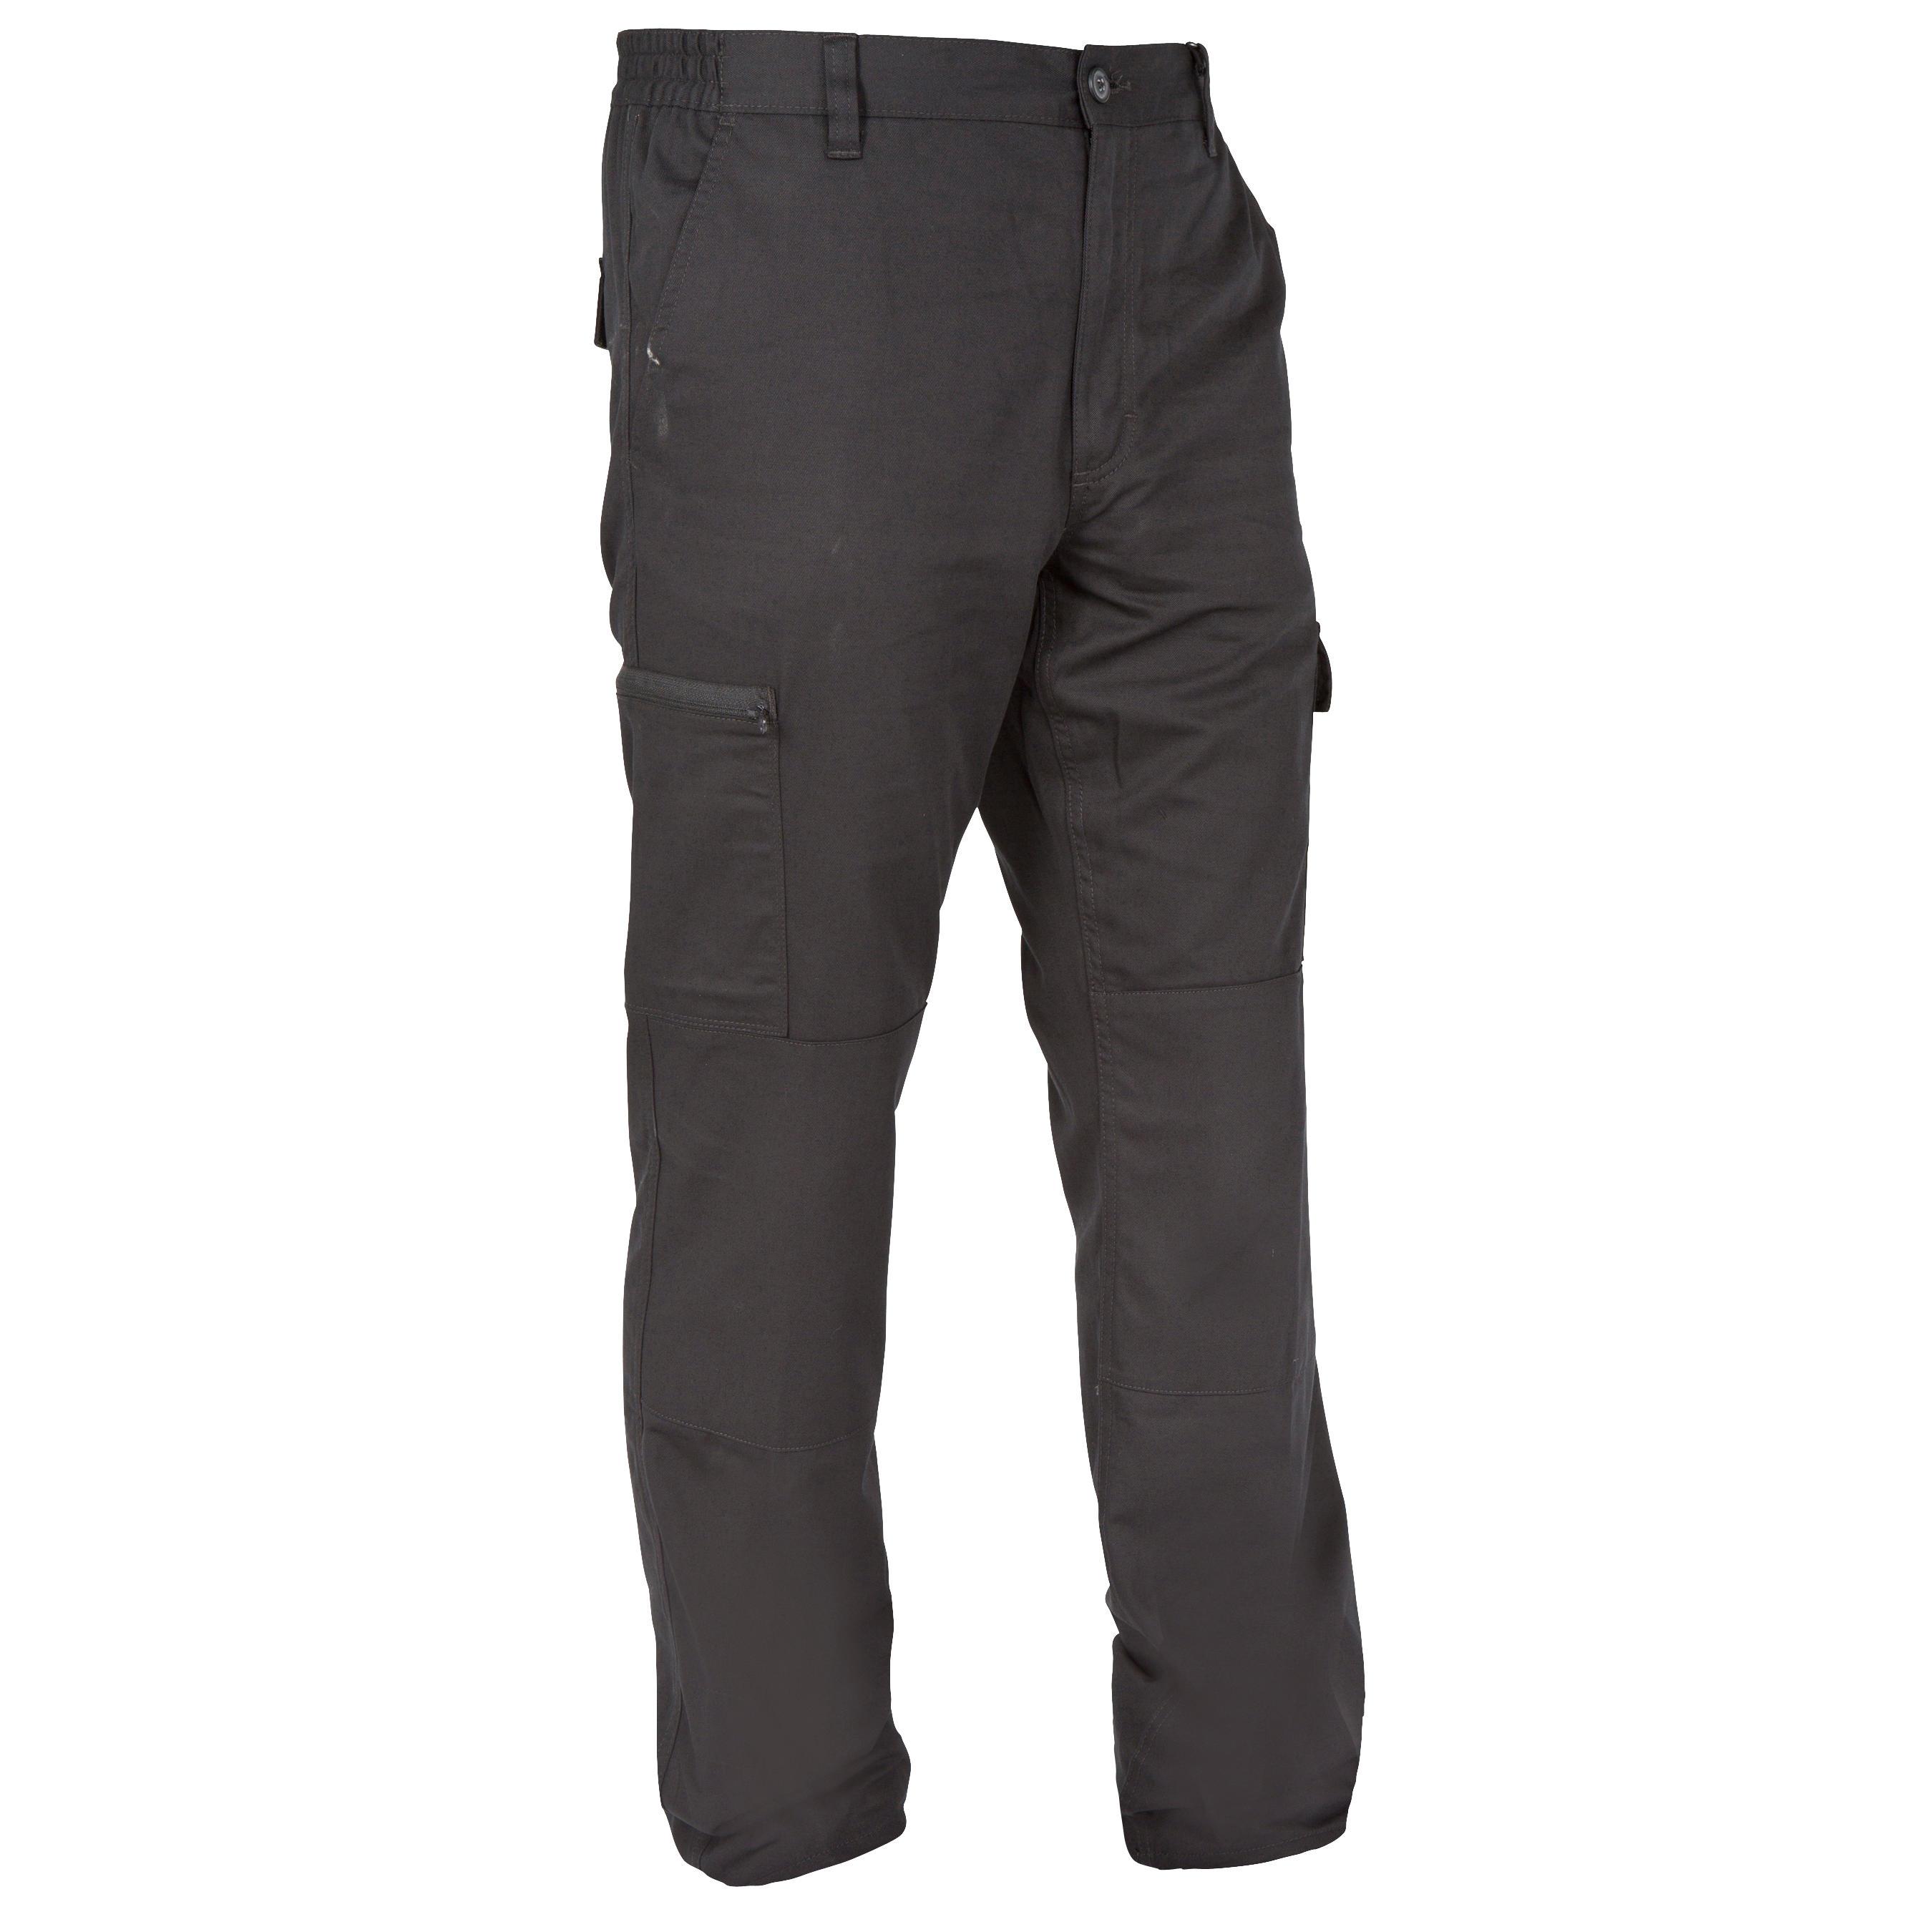 Pantalon Stepă 300 Negru